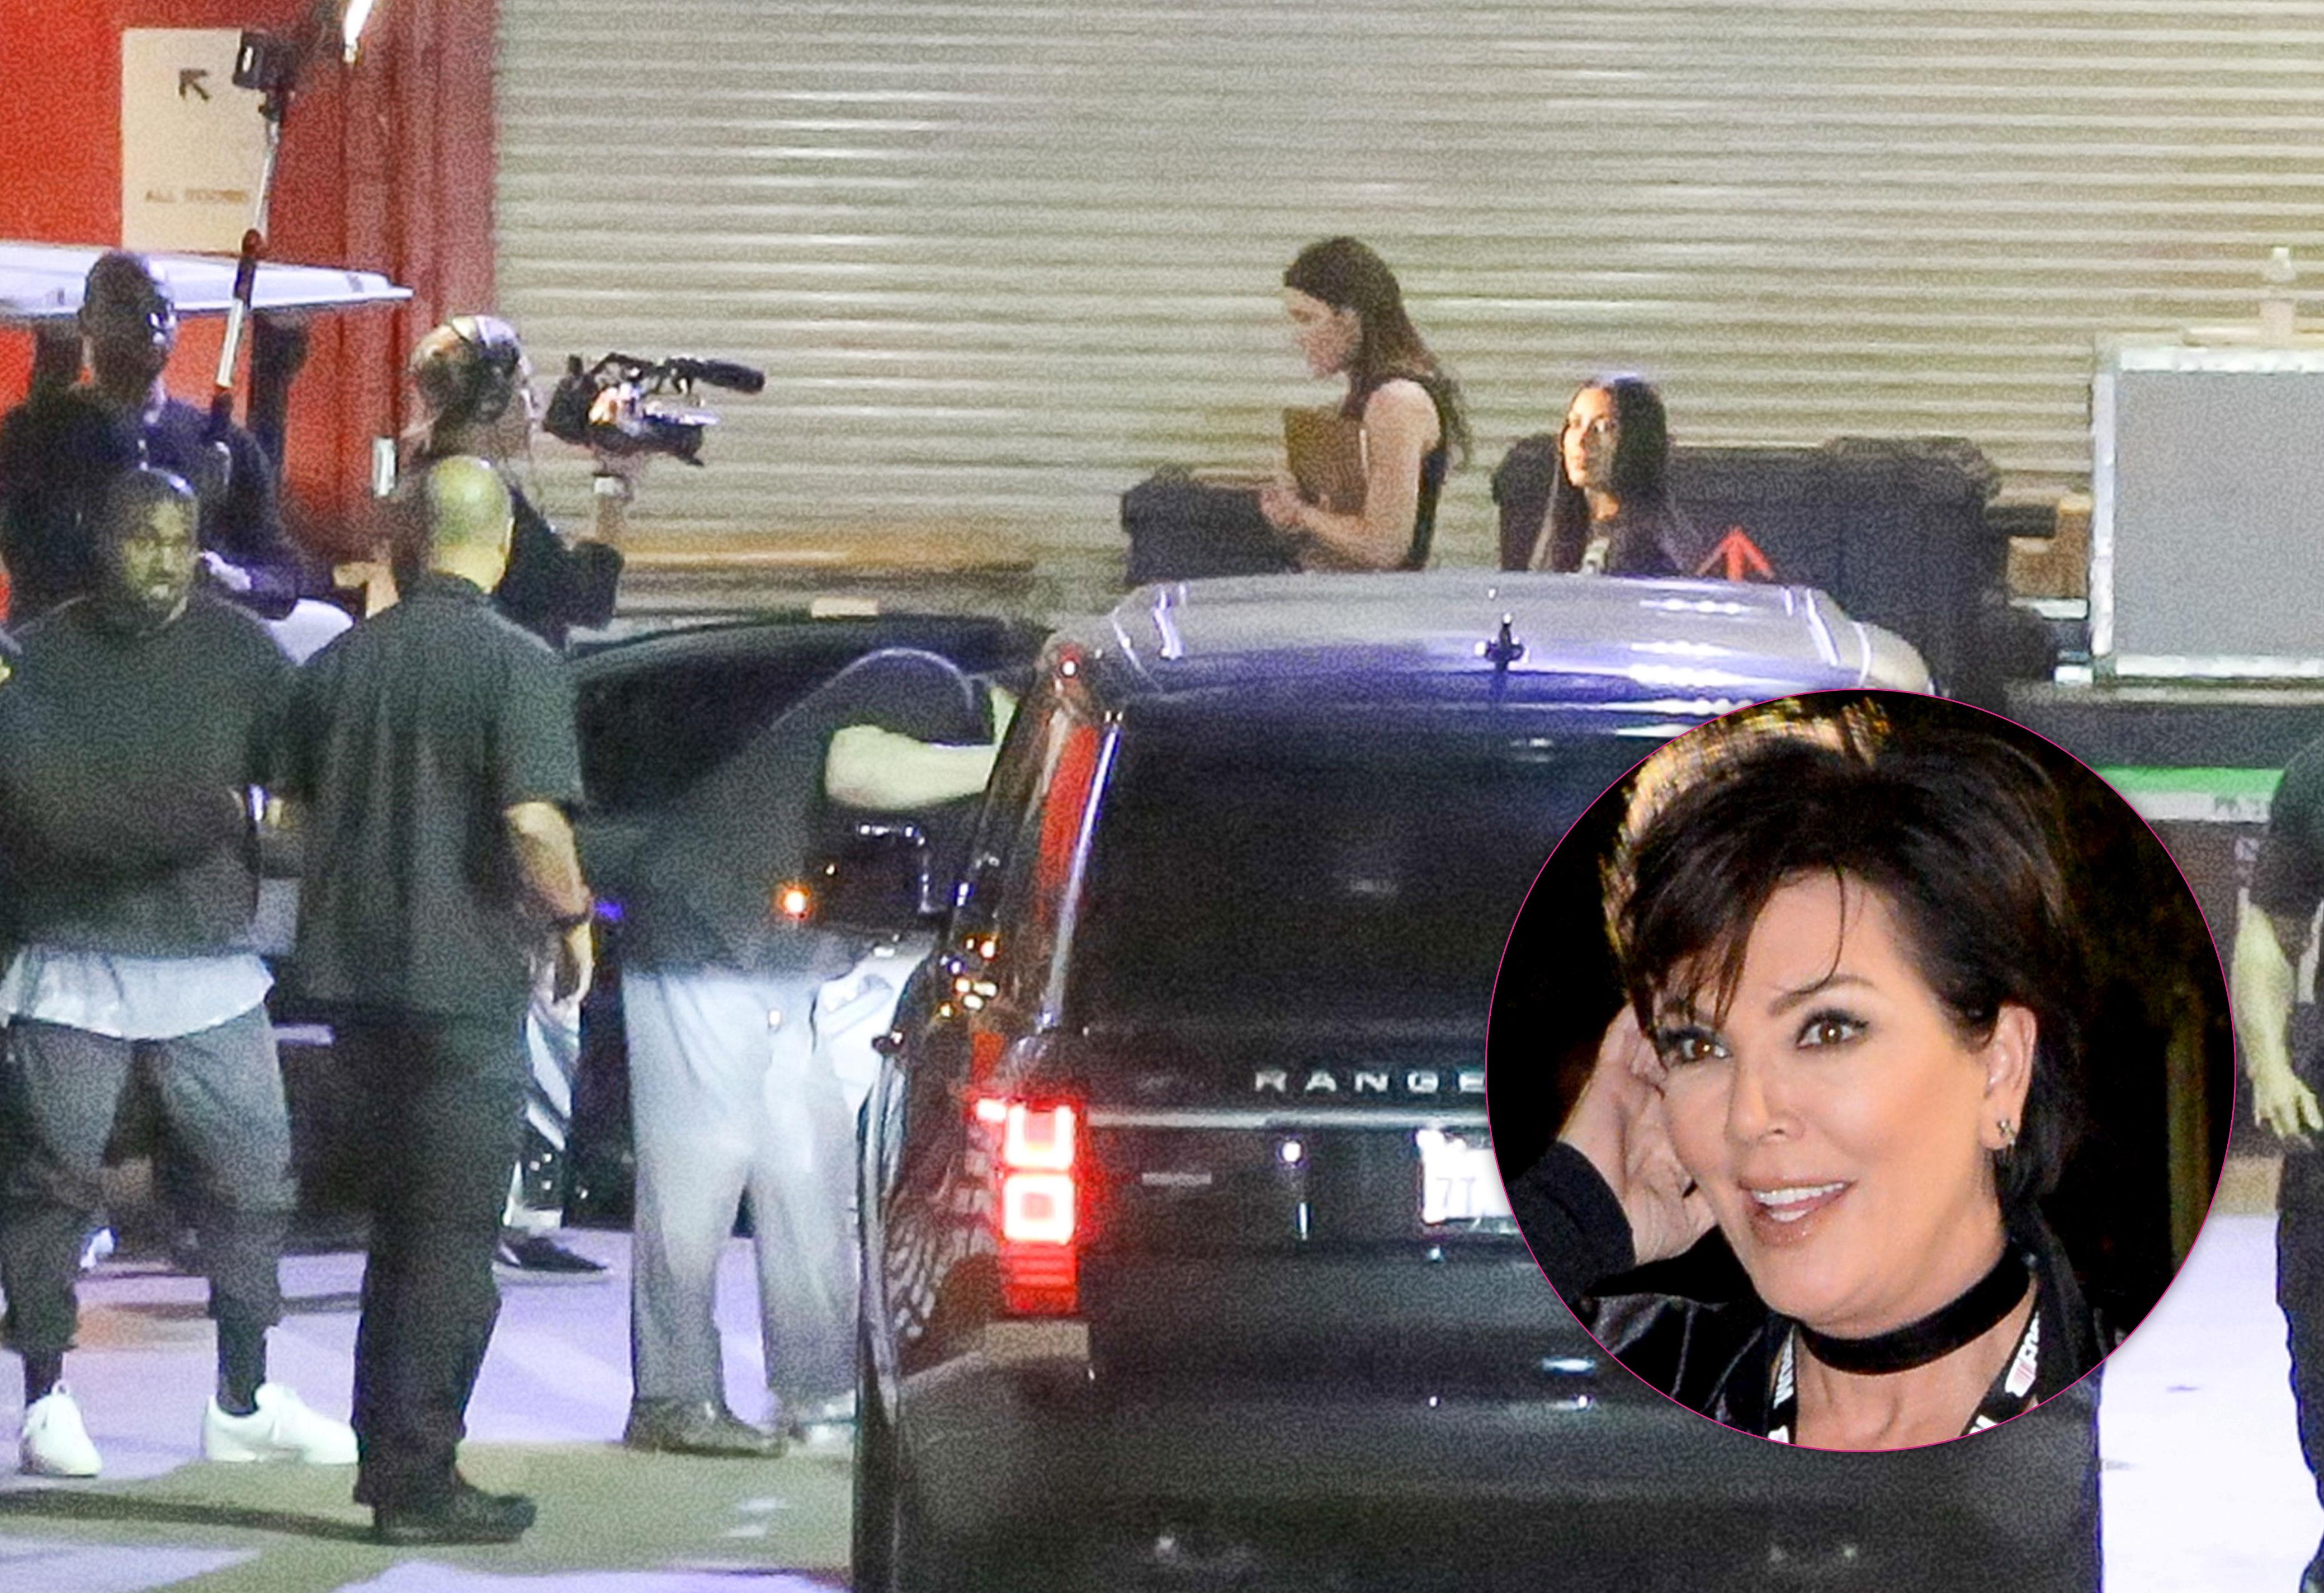 Kim kardashian films kuwtk after robbery 08